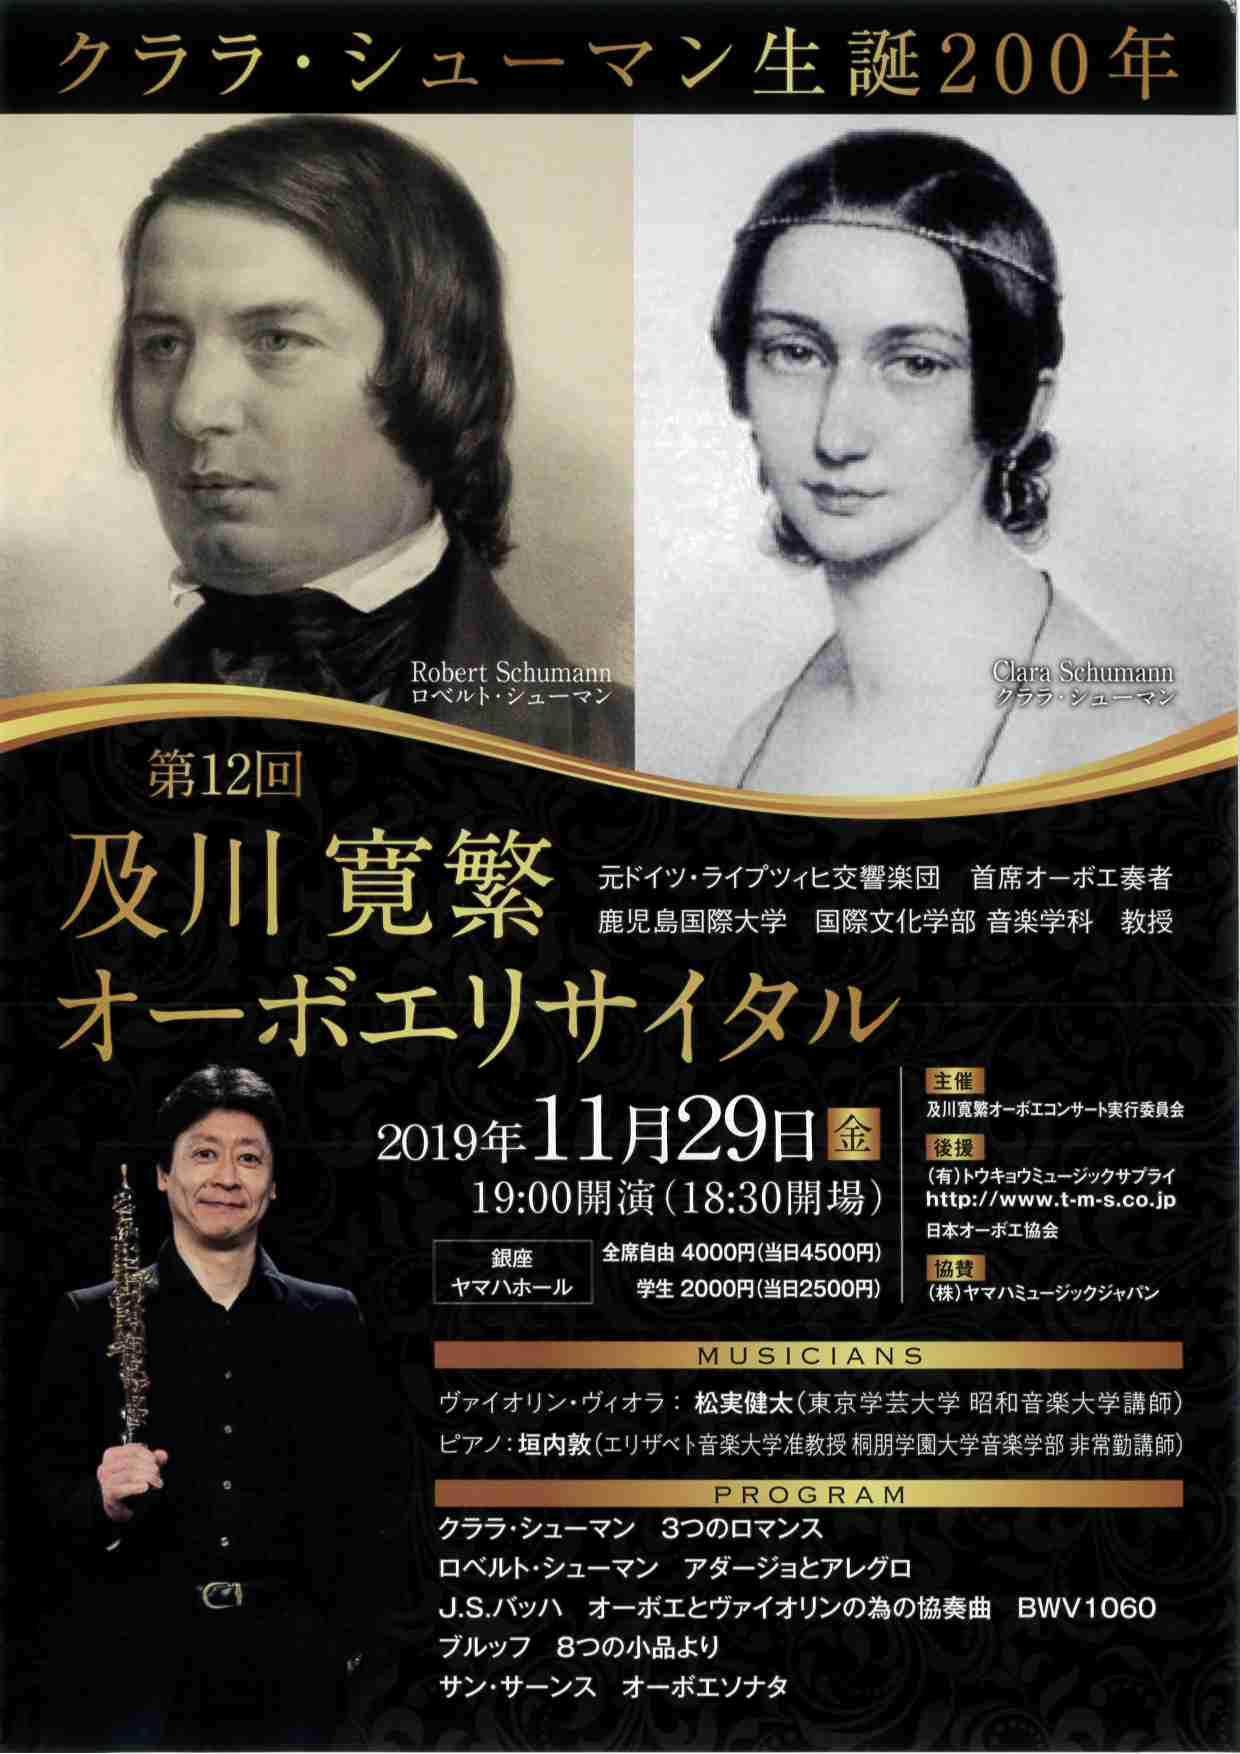 クララ・シューマン生誕200年 第12回 及川寛繁オーボエリサイタル